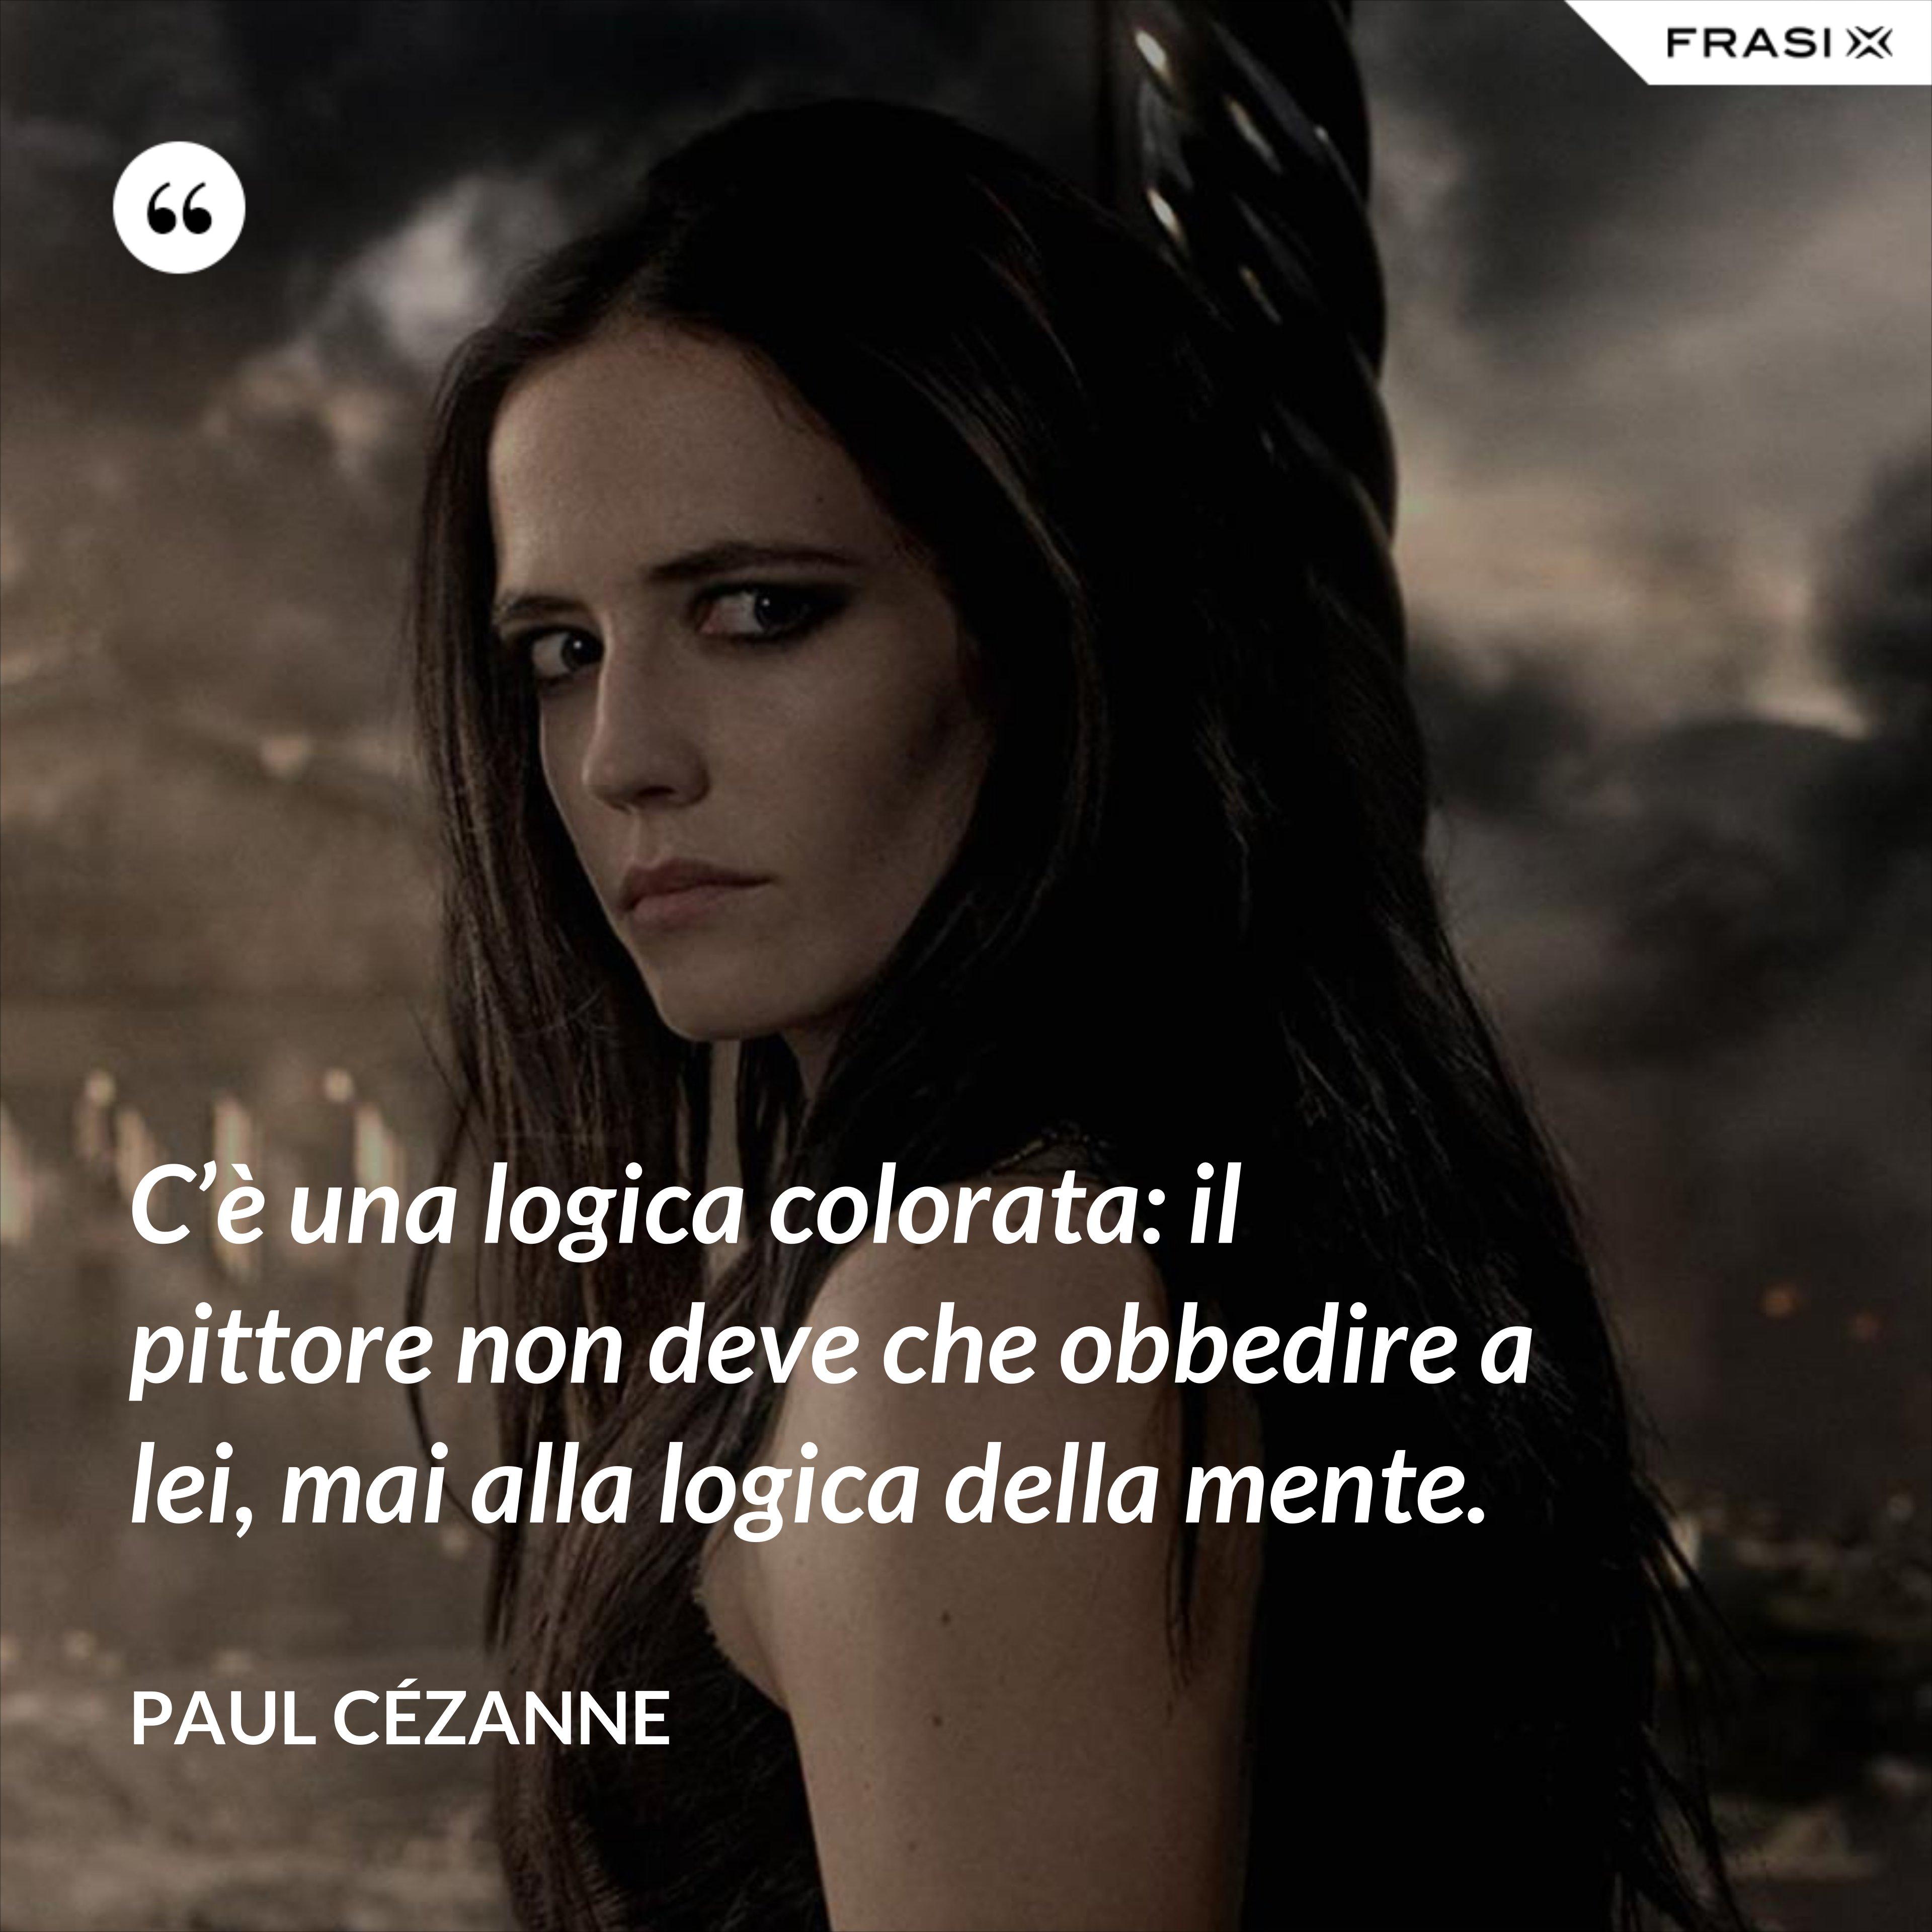 C'è una logica colorata: il pittore non deve che obbedire a lei, mai alla logica della mente. - Paul Cézanne